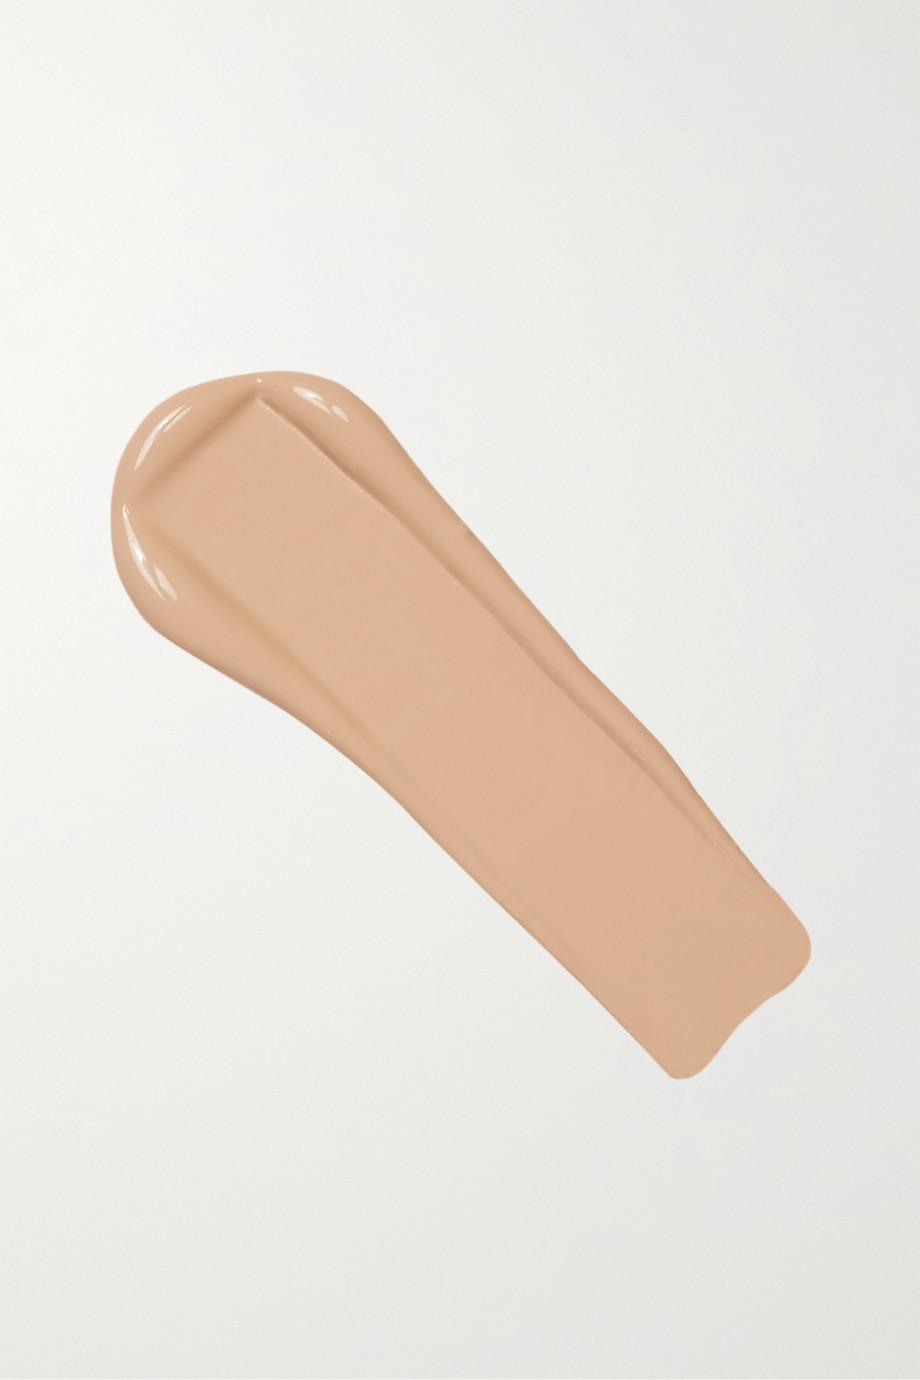 Hourglass Vanish Airbrush Concealer - Fawn, 6ml